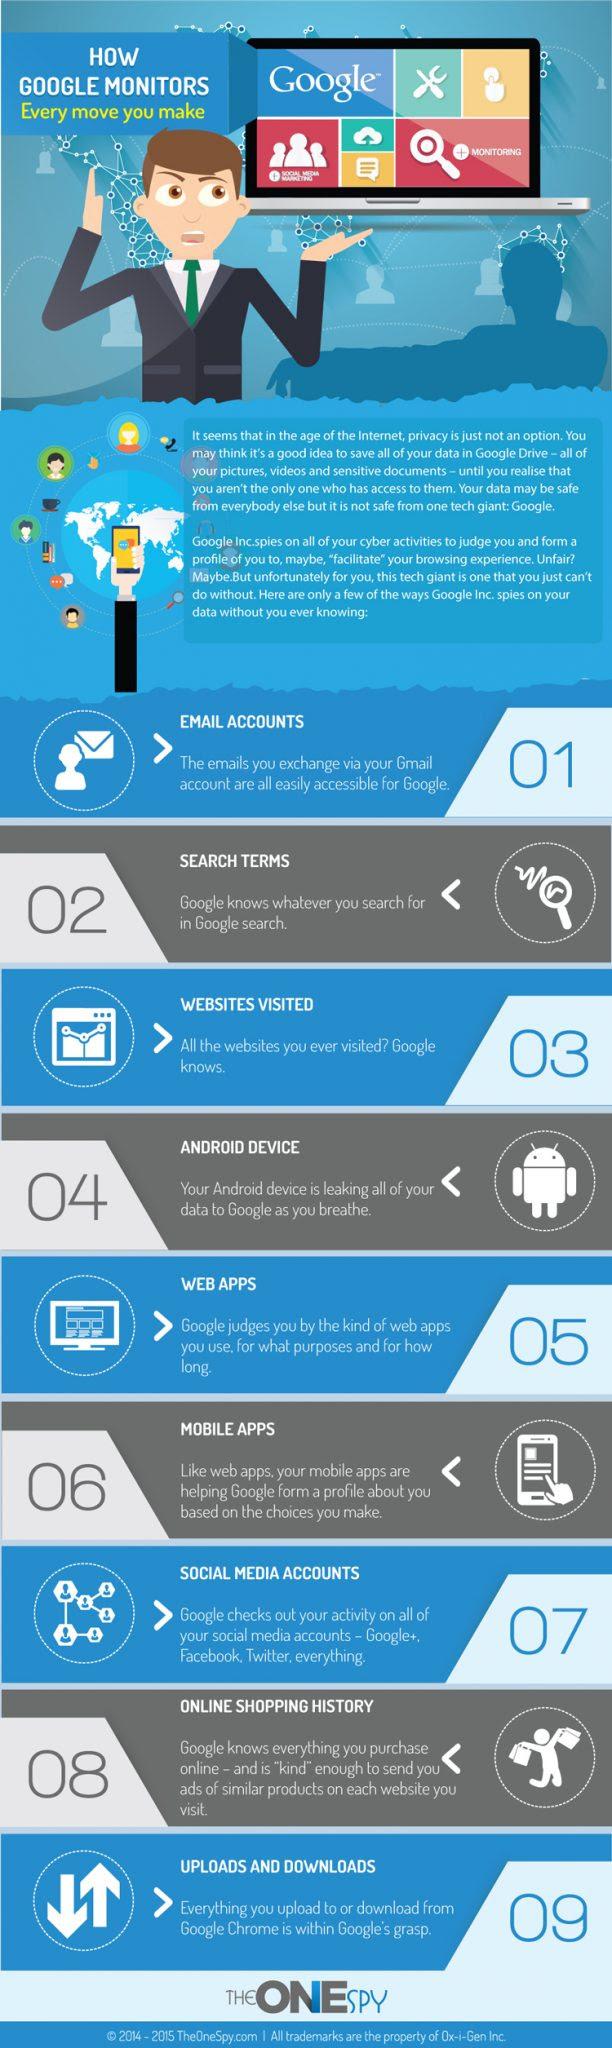 Cómo Google monitoriza todo lo que haces